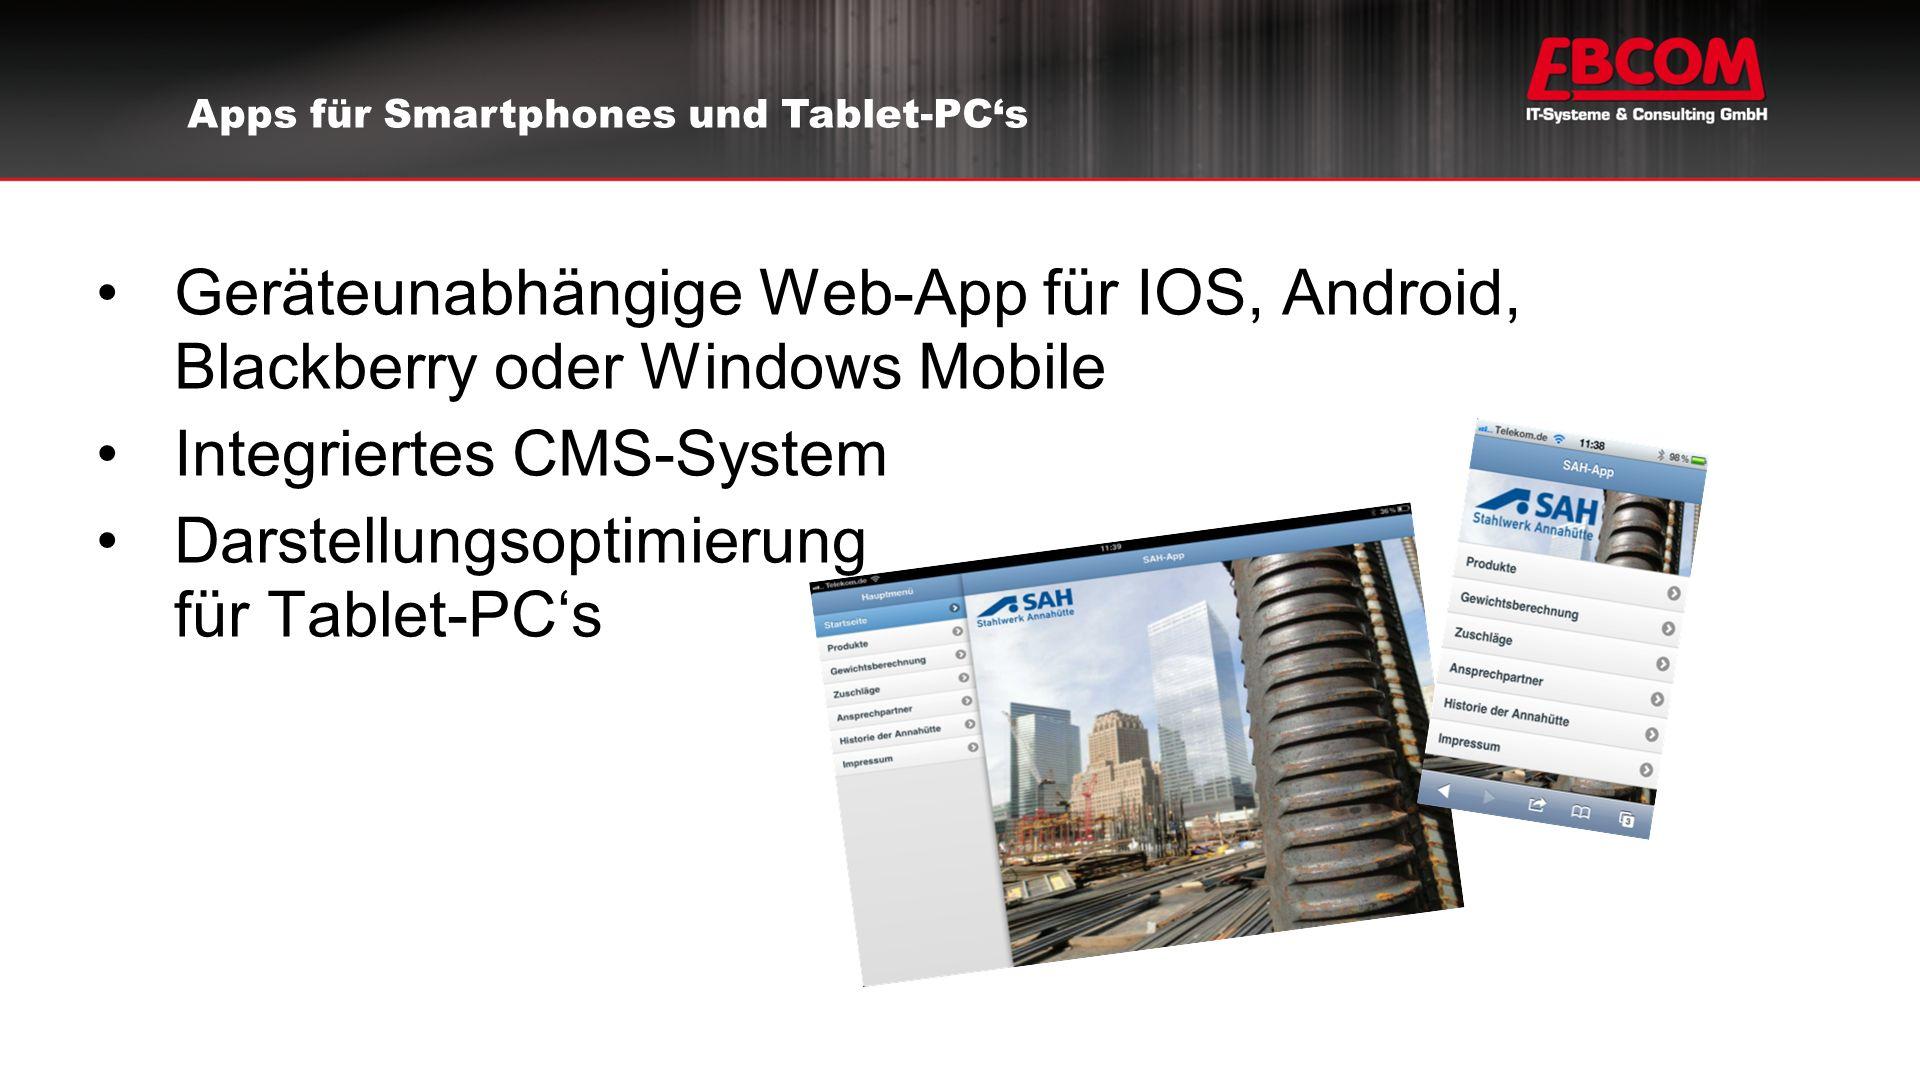 Geräteunabhängige Web-App für IOS, Android, Blackberry oder Windows Mobile Integriertes CMS-System Darstellungsoptimierung für Tablet-PC's Apps für Smartphones und Tablet-PC's